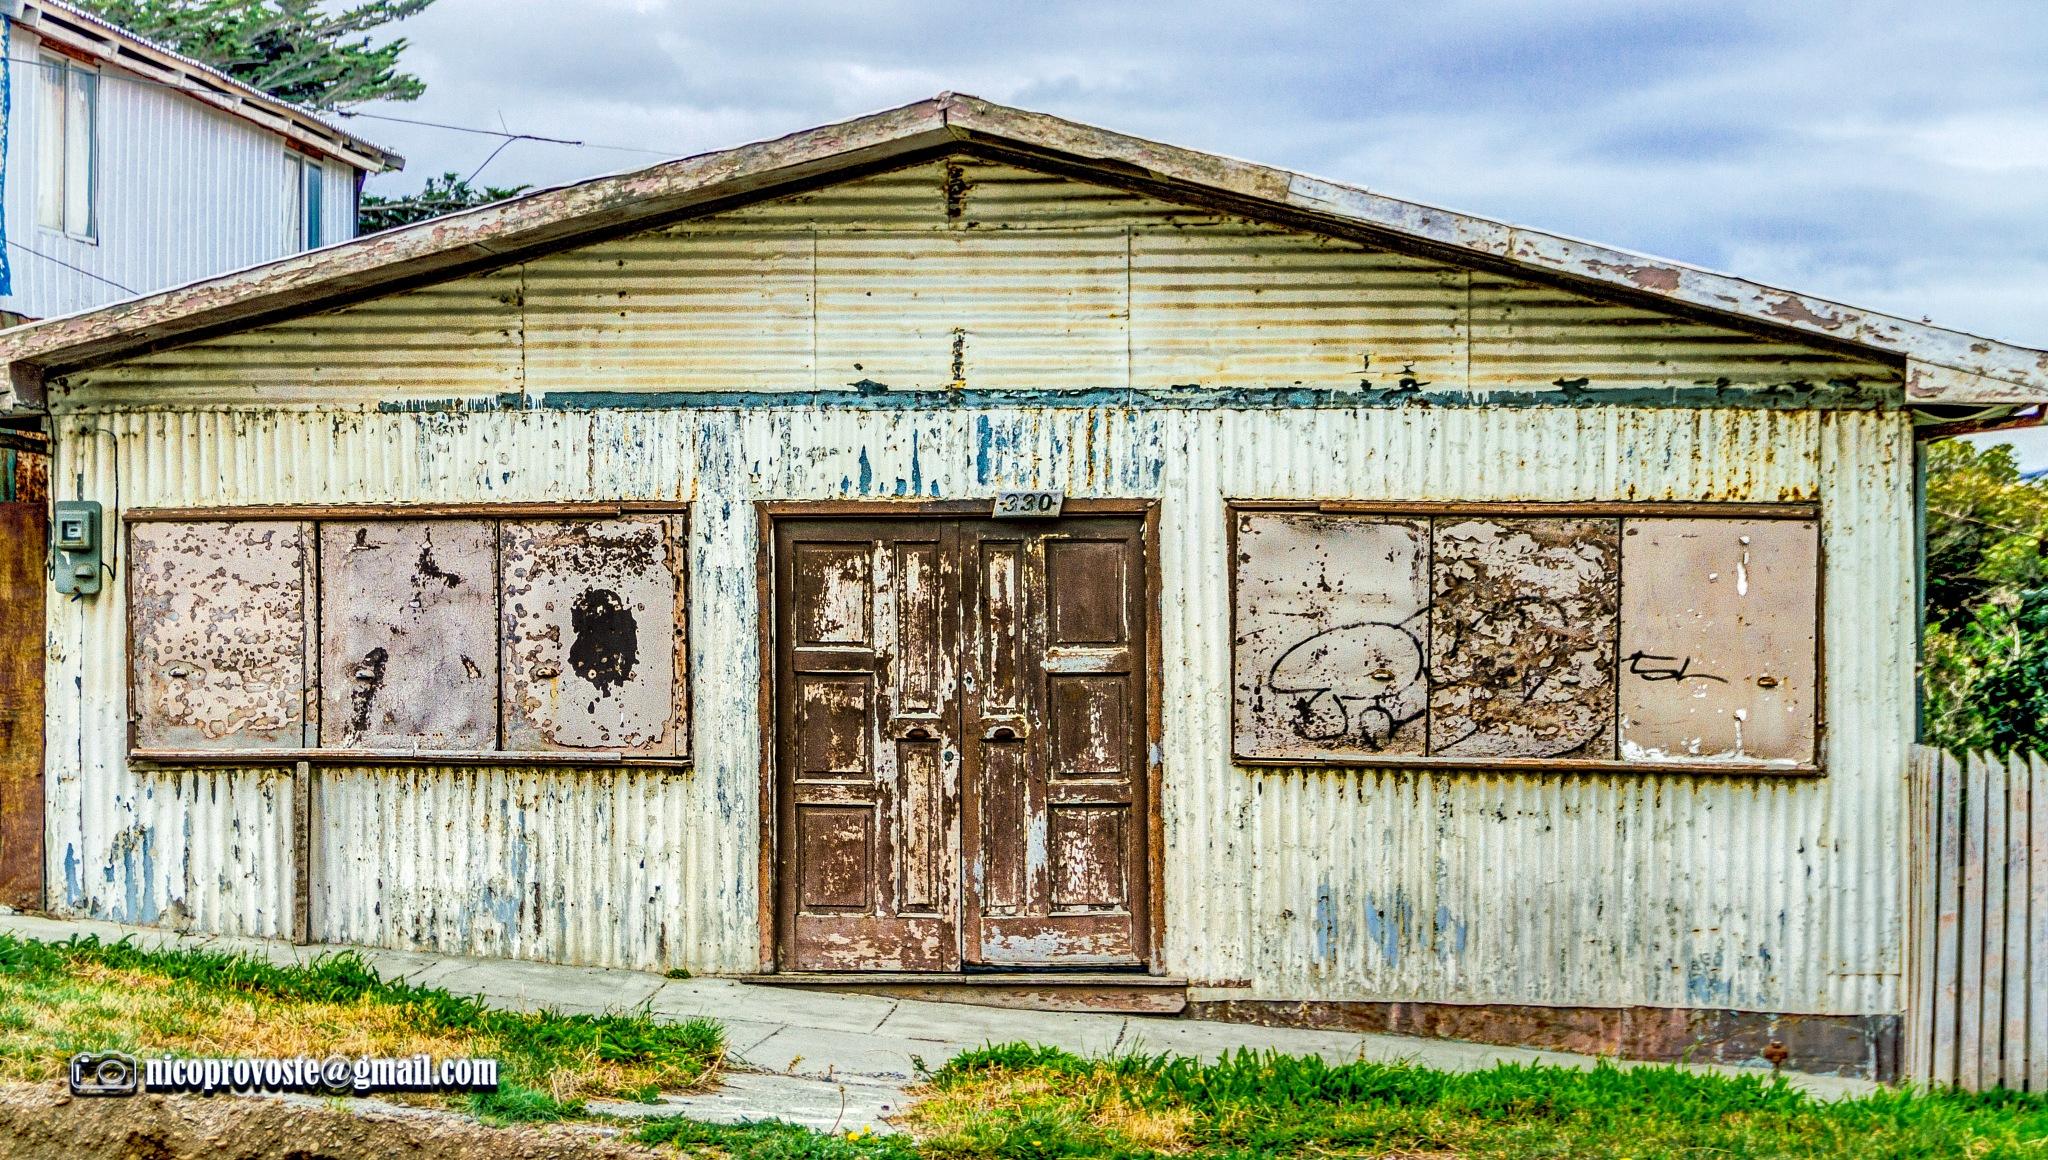 Casa en porvenir by nicolasprovoste